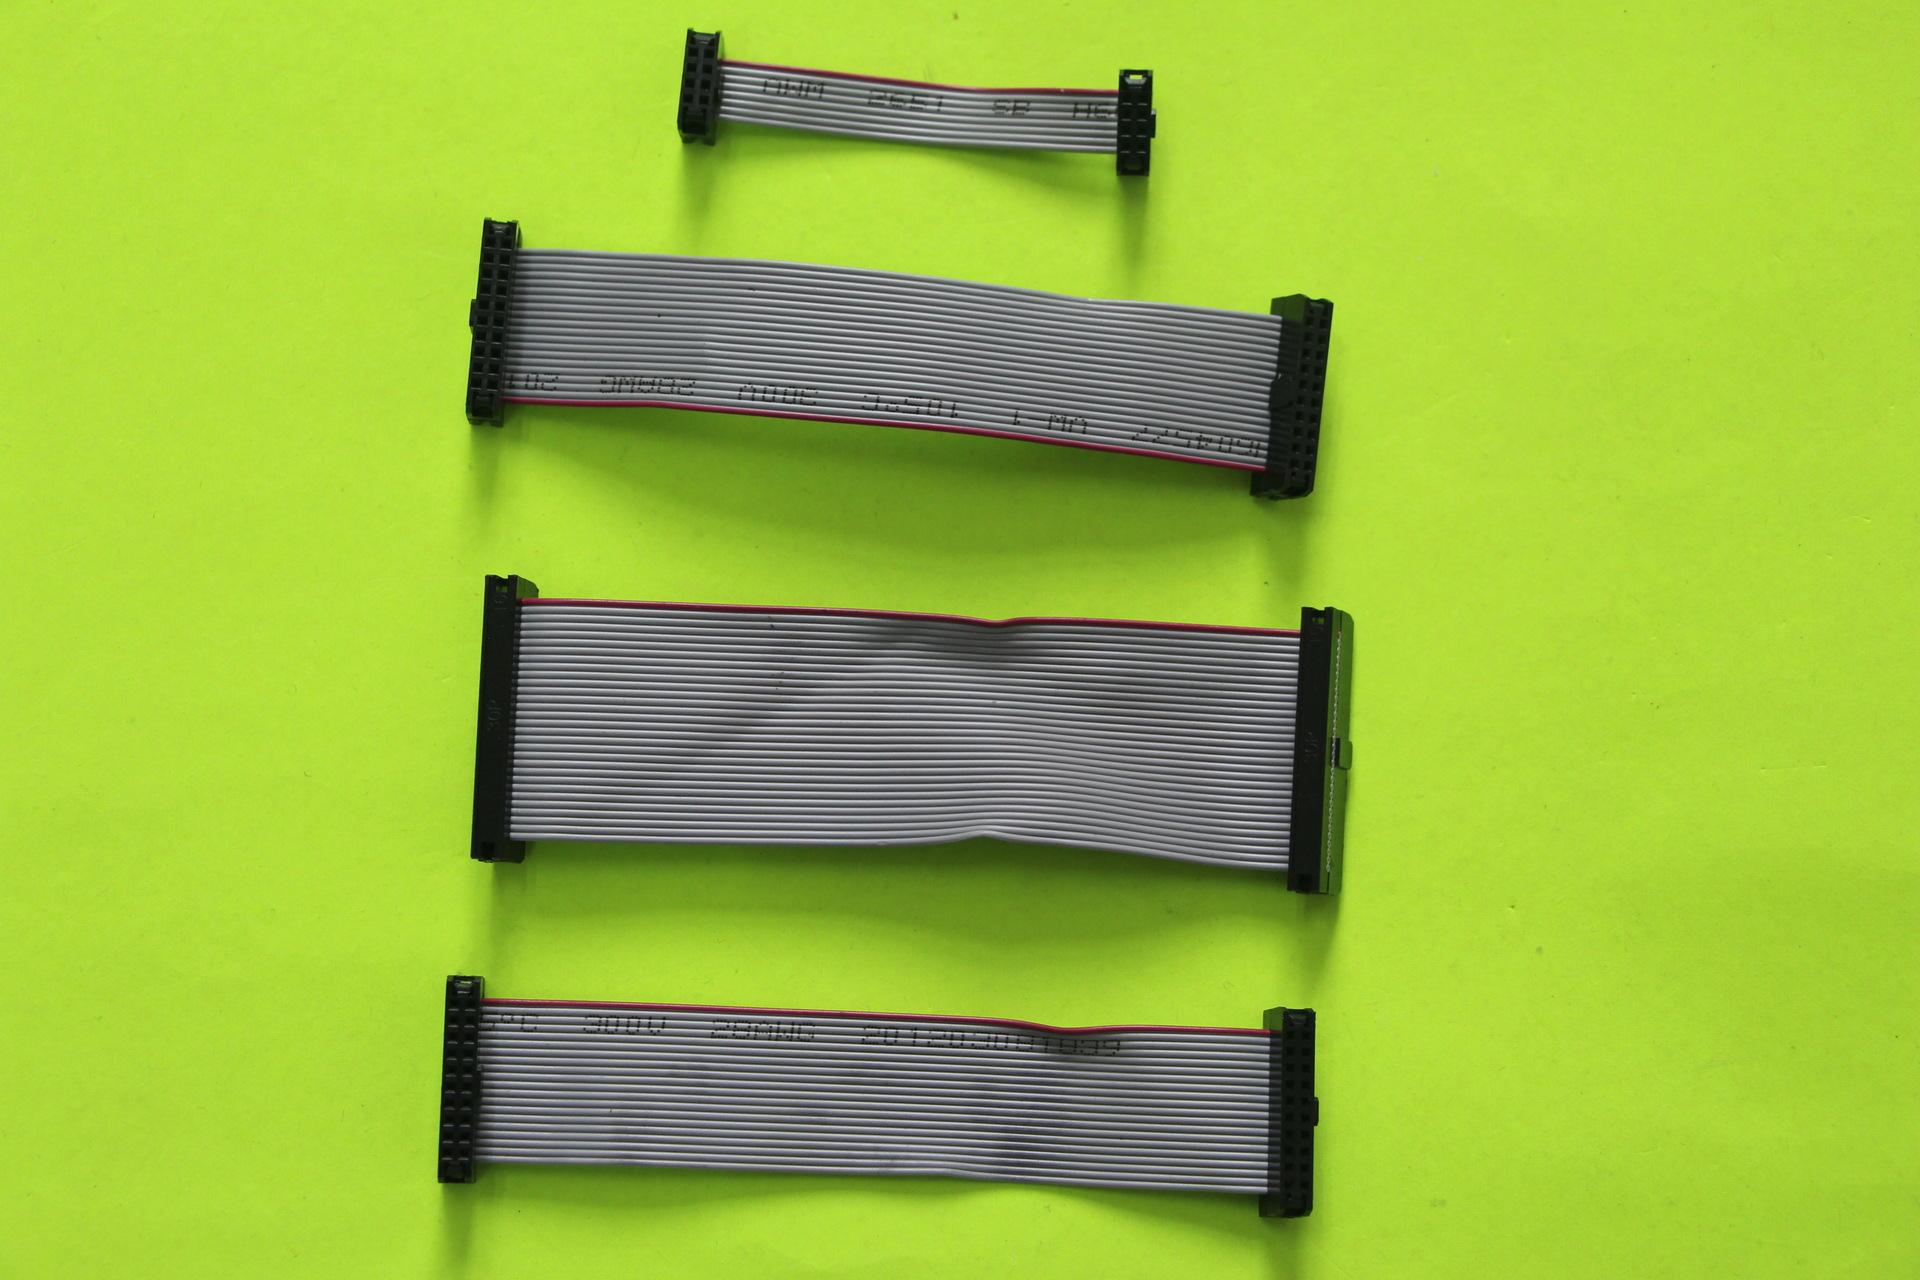 廠家供應 訂做 加工FC/FD IDC灰排線 端子線 牛角壓線2.54 10P